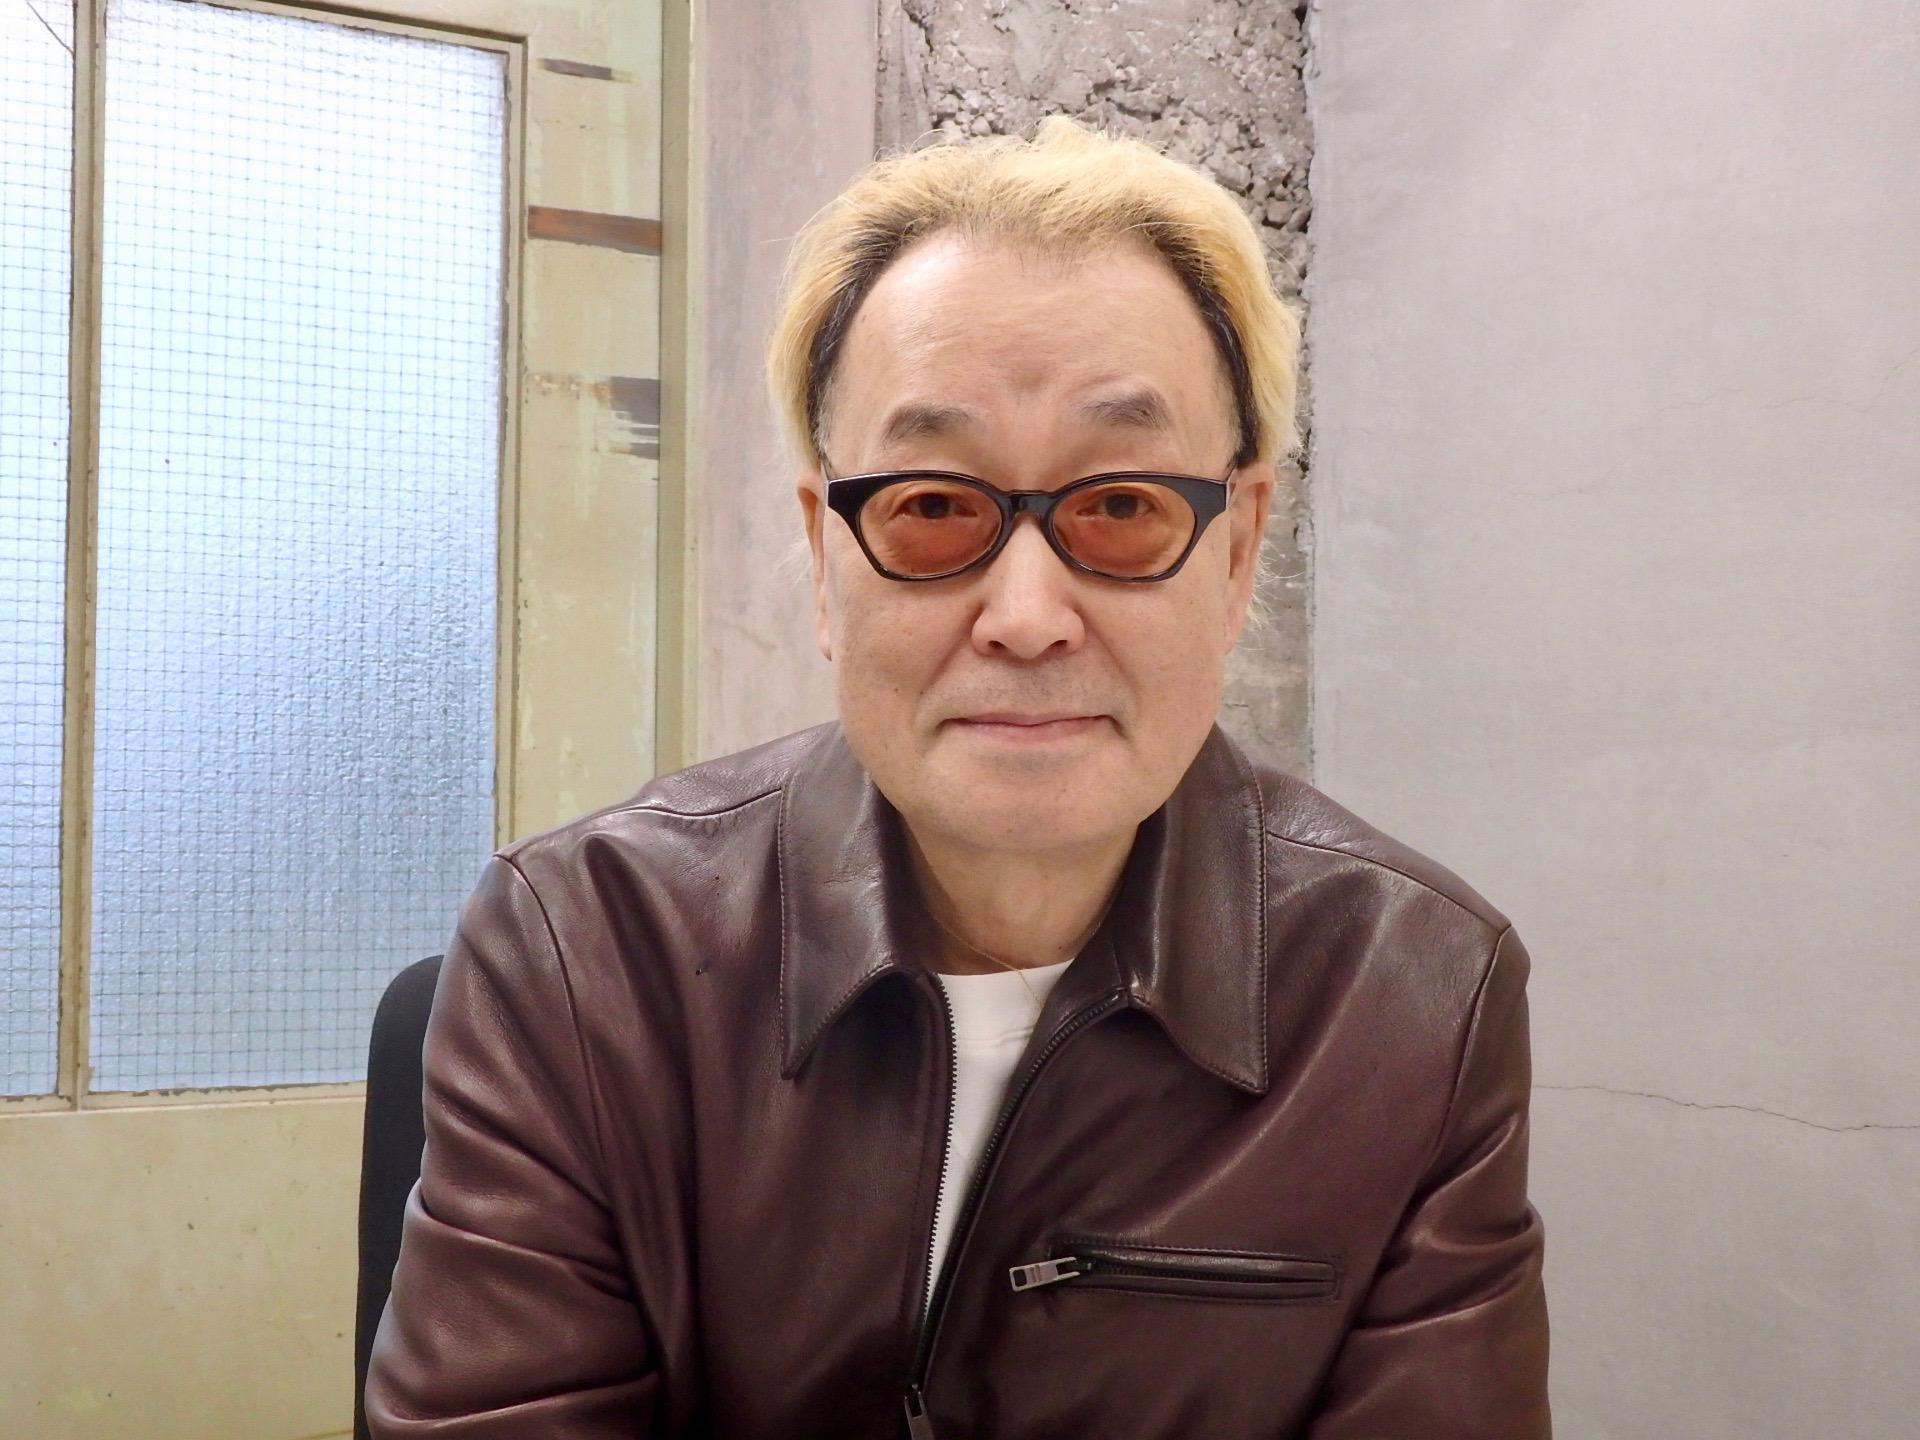 http://news.yoshimoto.co.jp/20181129235423-44c954f2e0d0b7549e97c16530c0a393c53a1059.jpeg